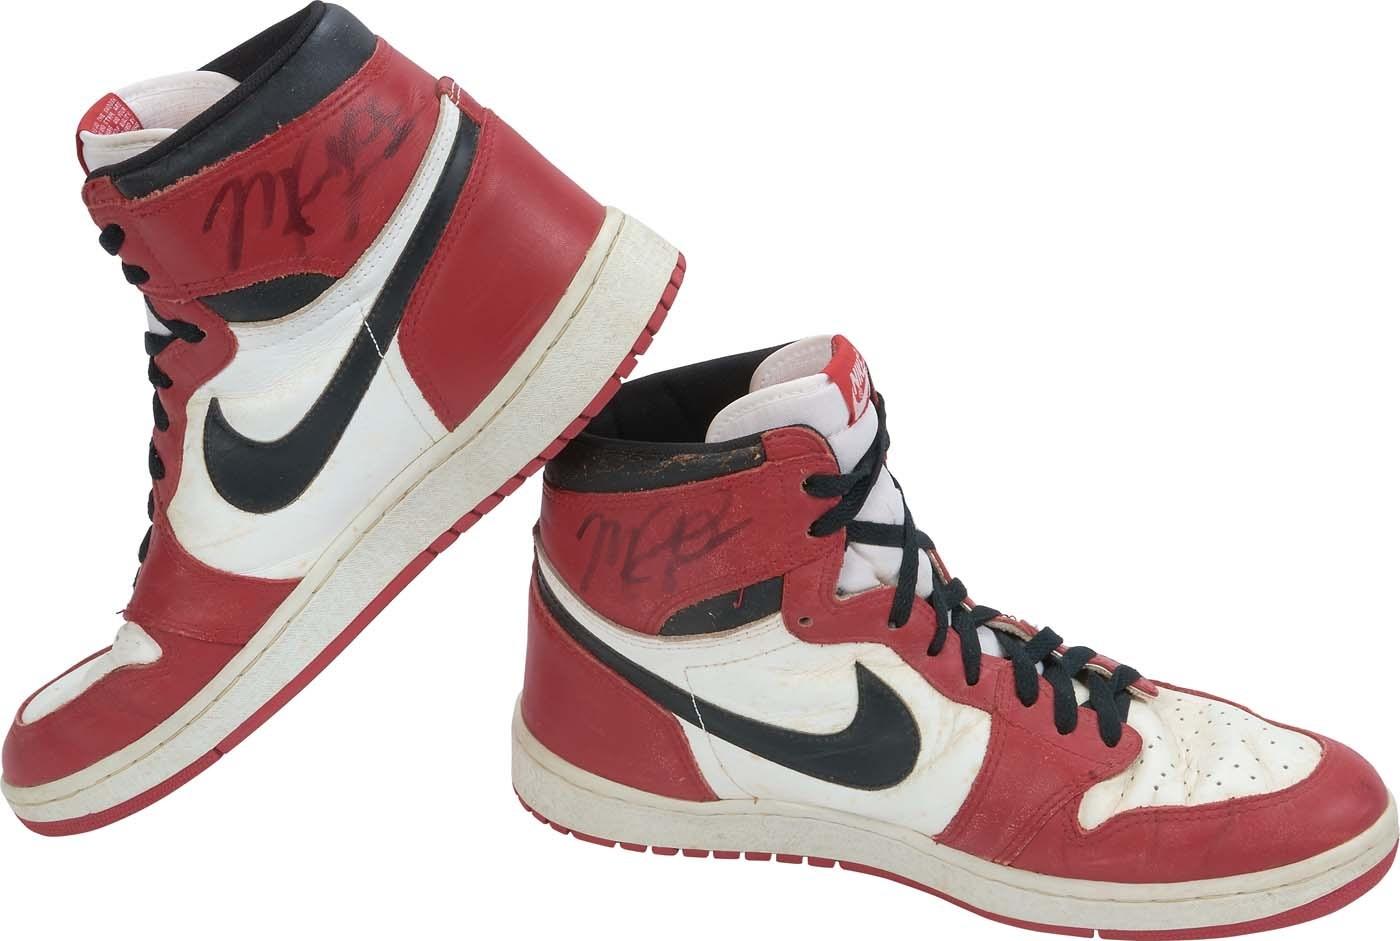 f9fc12f8fde Bulls Michael Jordan Signed 1985 Original Air Jordan I Sneakers JSA ...